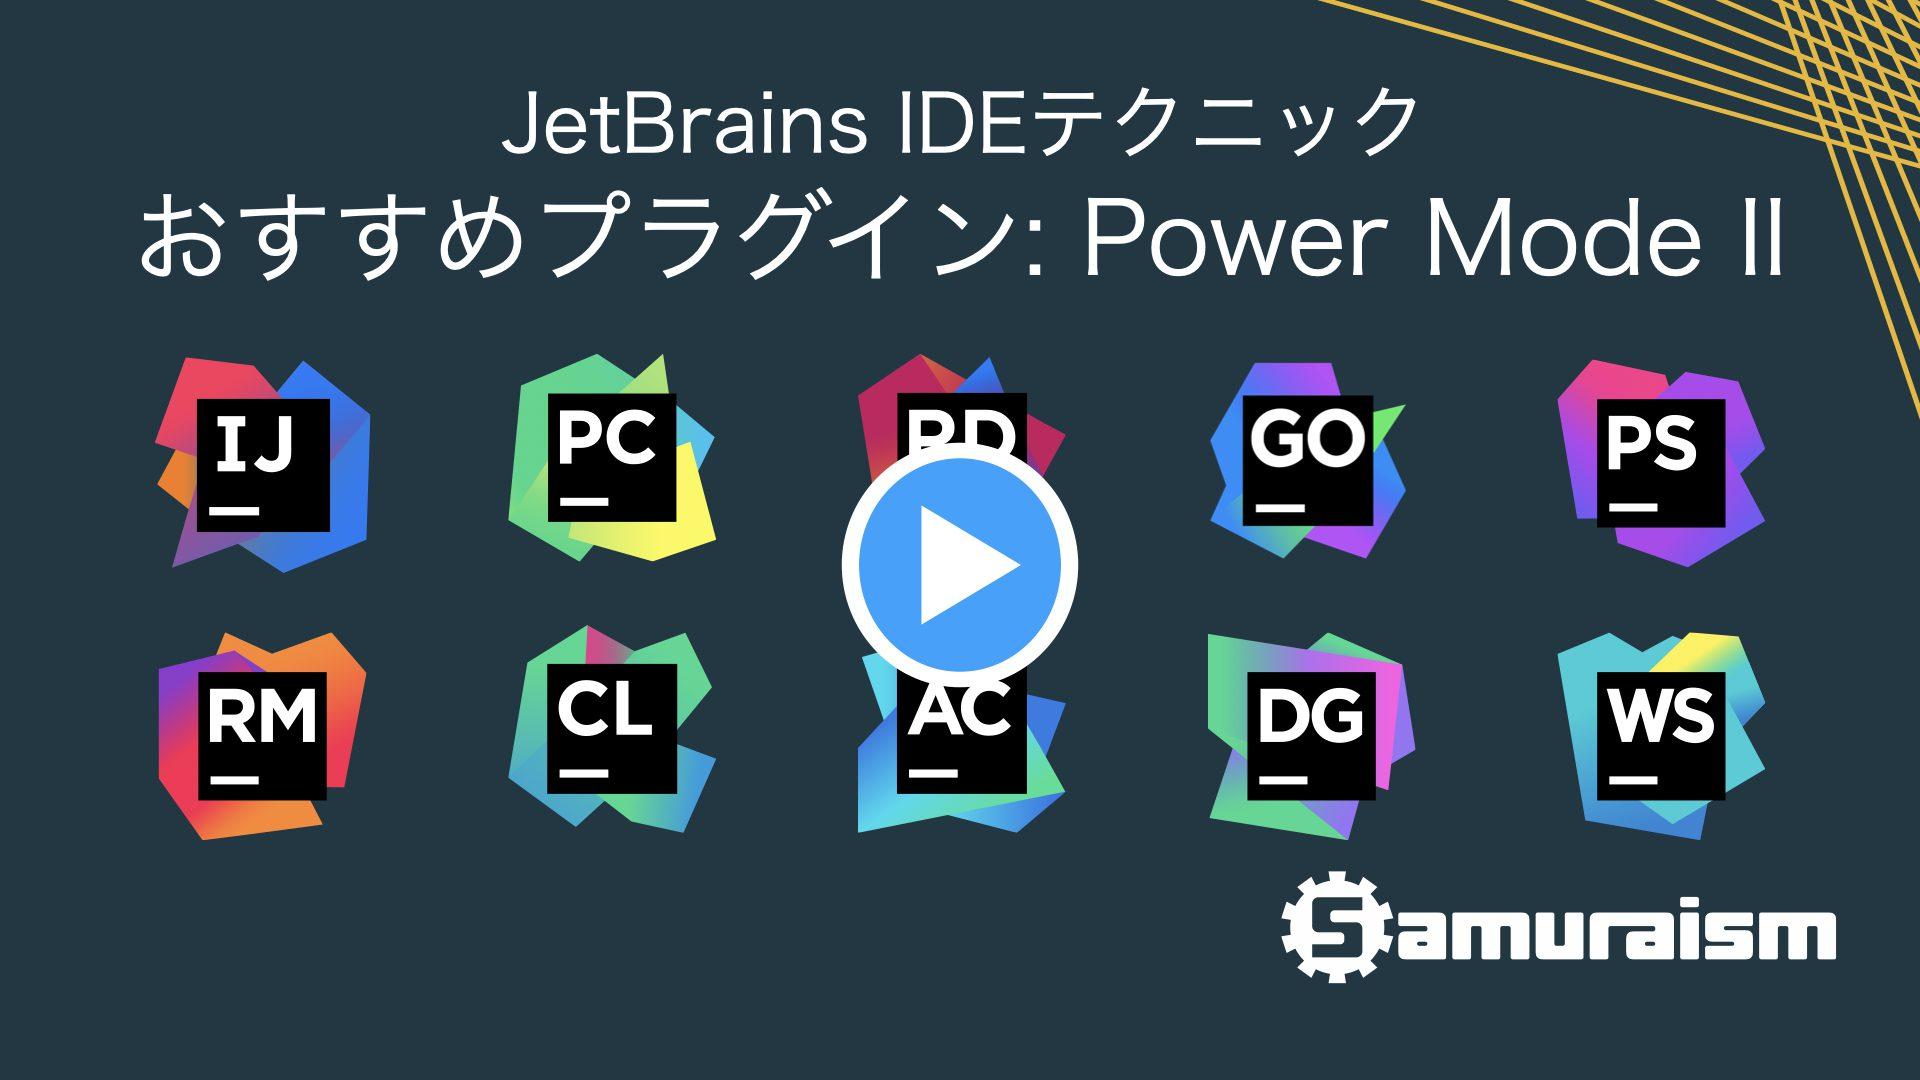 #JetBrainsIDEテクニック – オススメプラグイン: Power Mode II